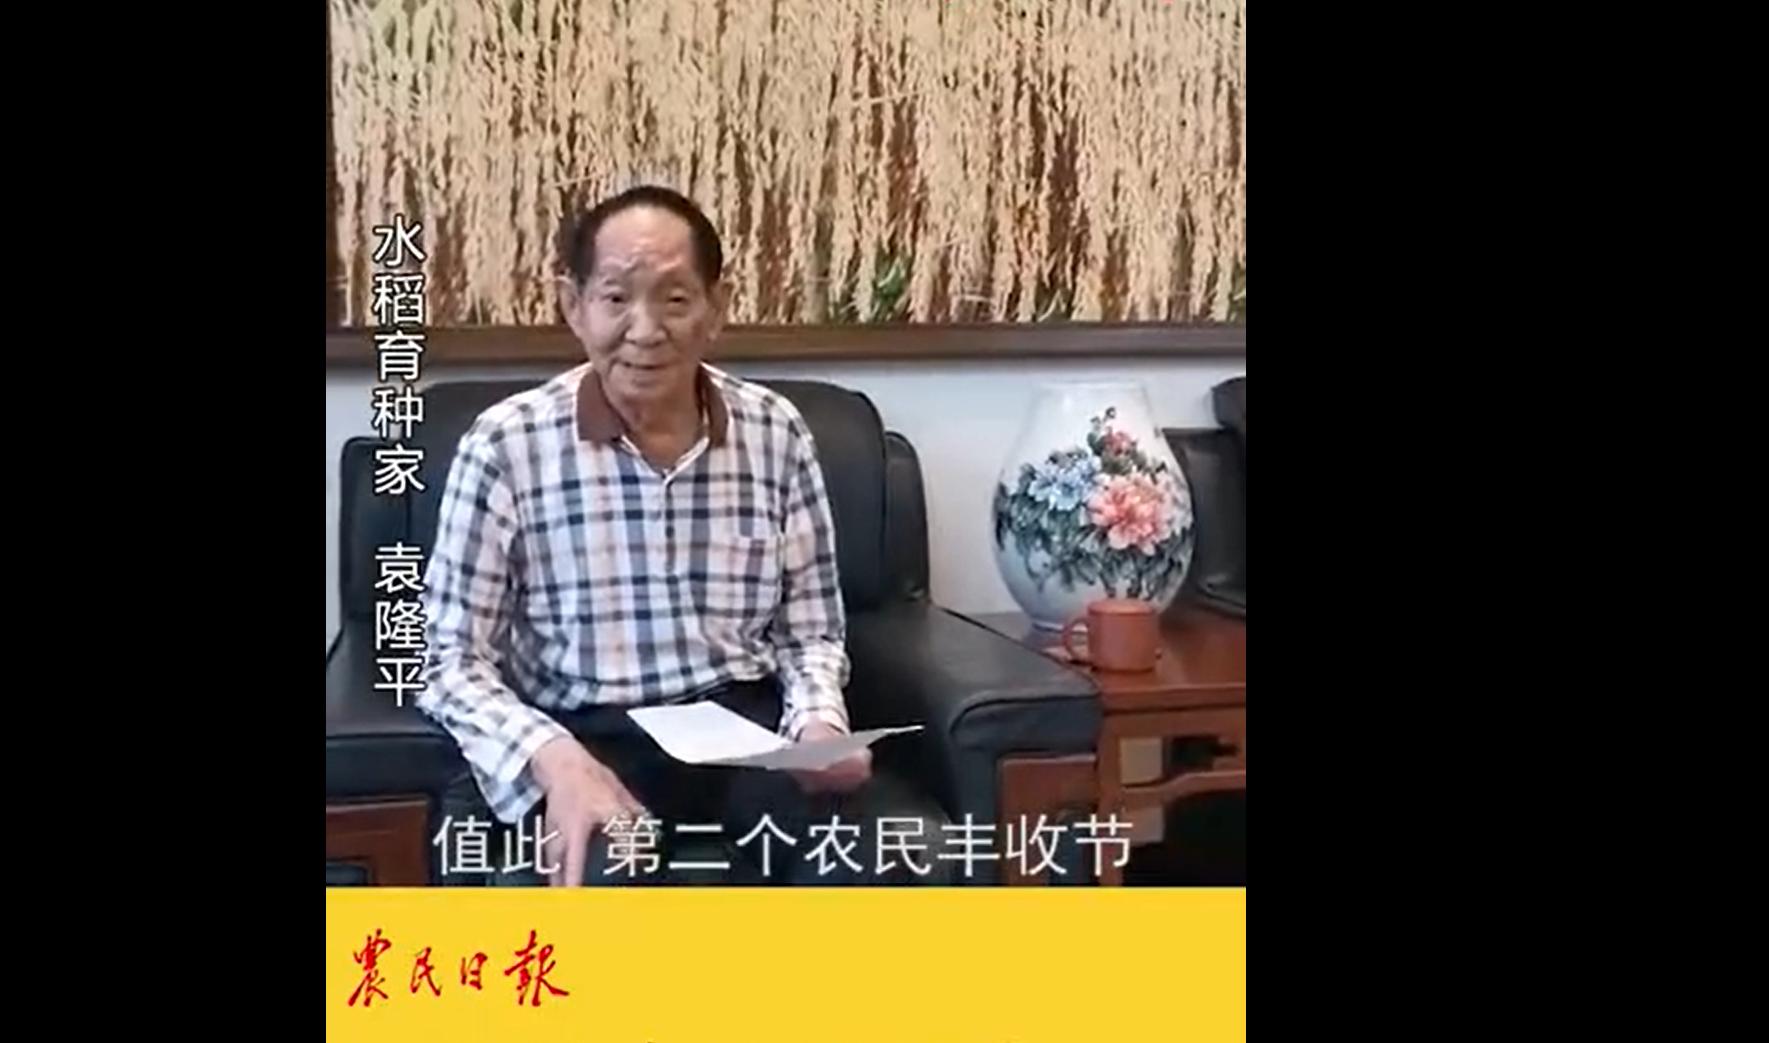 袁隆平等祝农民朋友丰收节快乐!